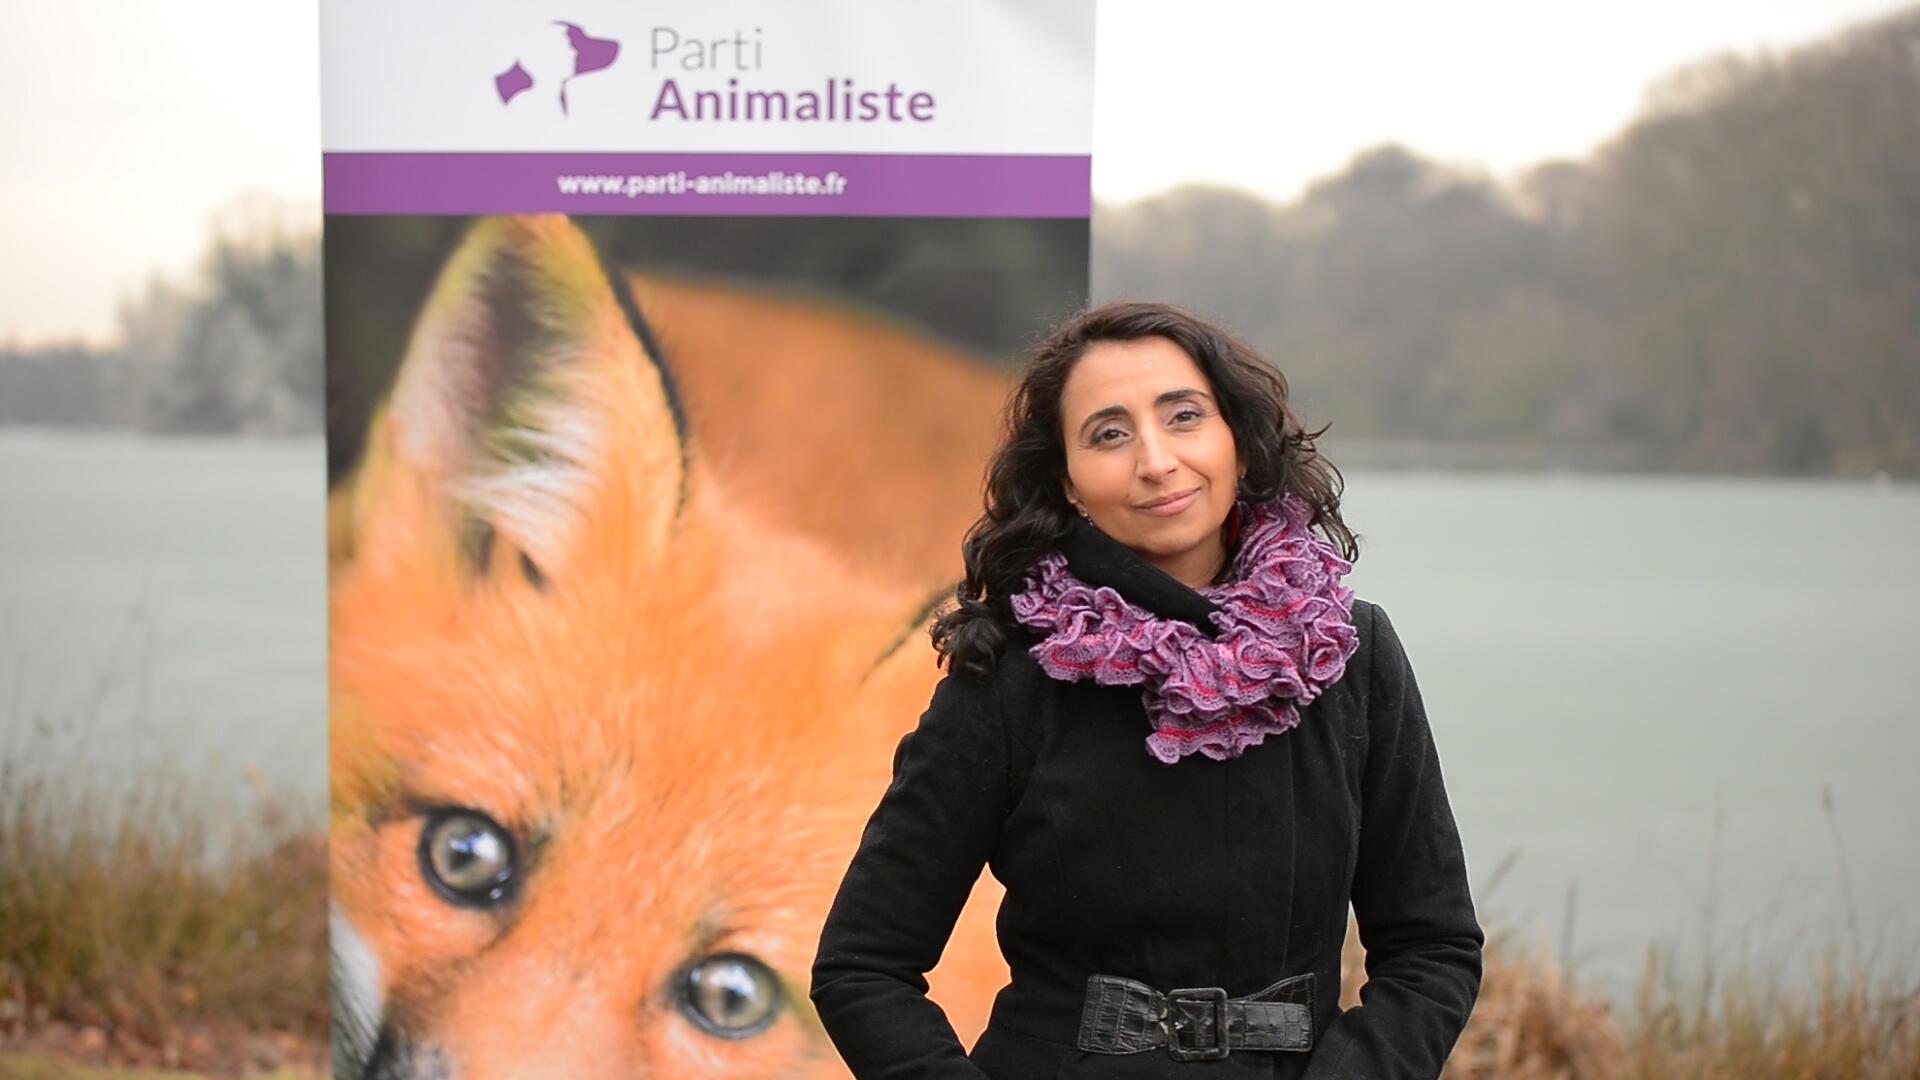 Uma das fundadoras e presidentes do Partido Animalista da França, Nathalie Dehan.